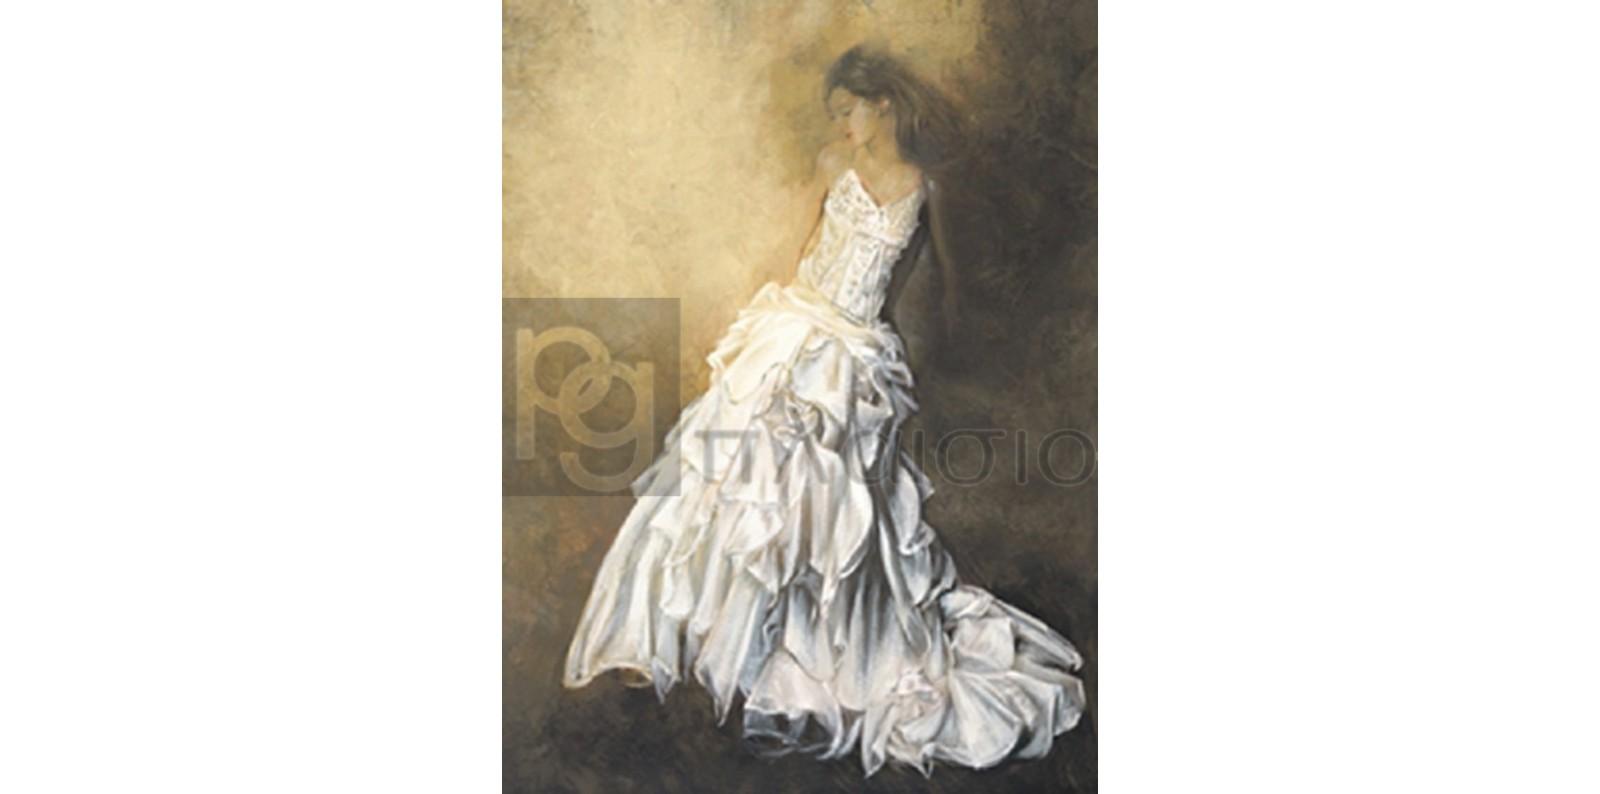 Andrea Bassetti - Il vestito bianco